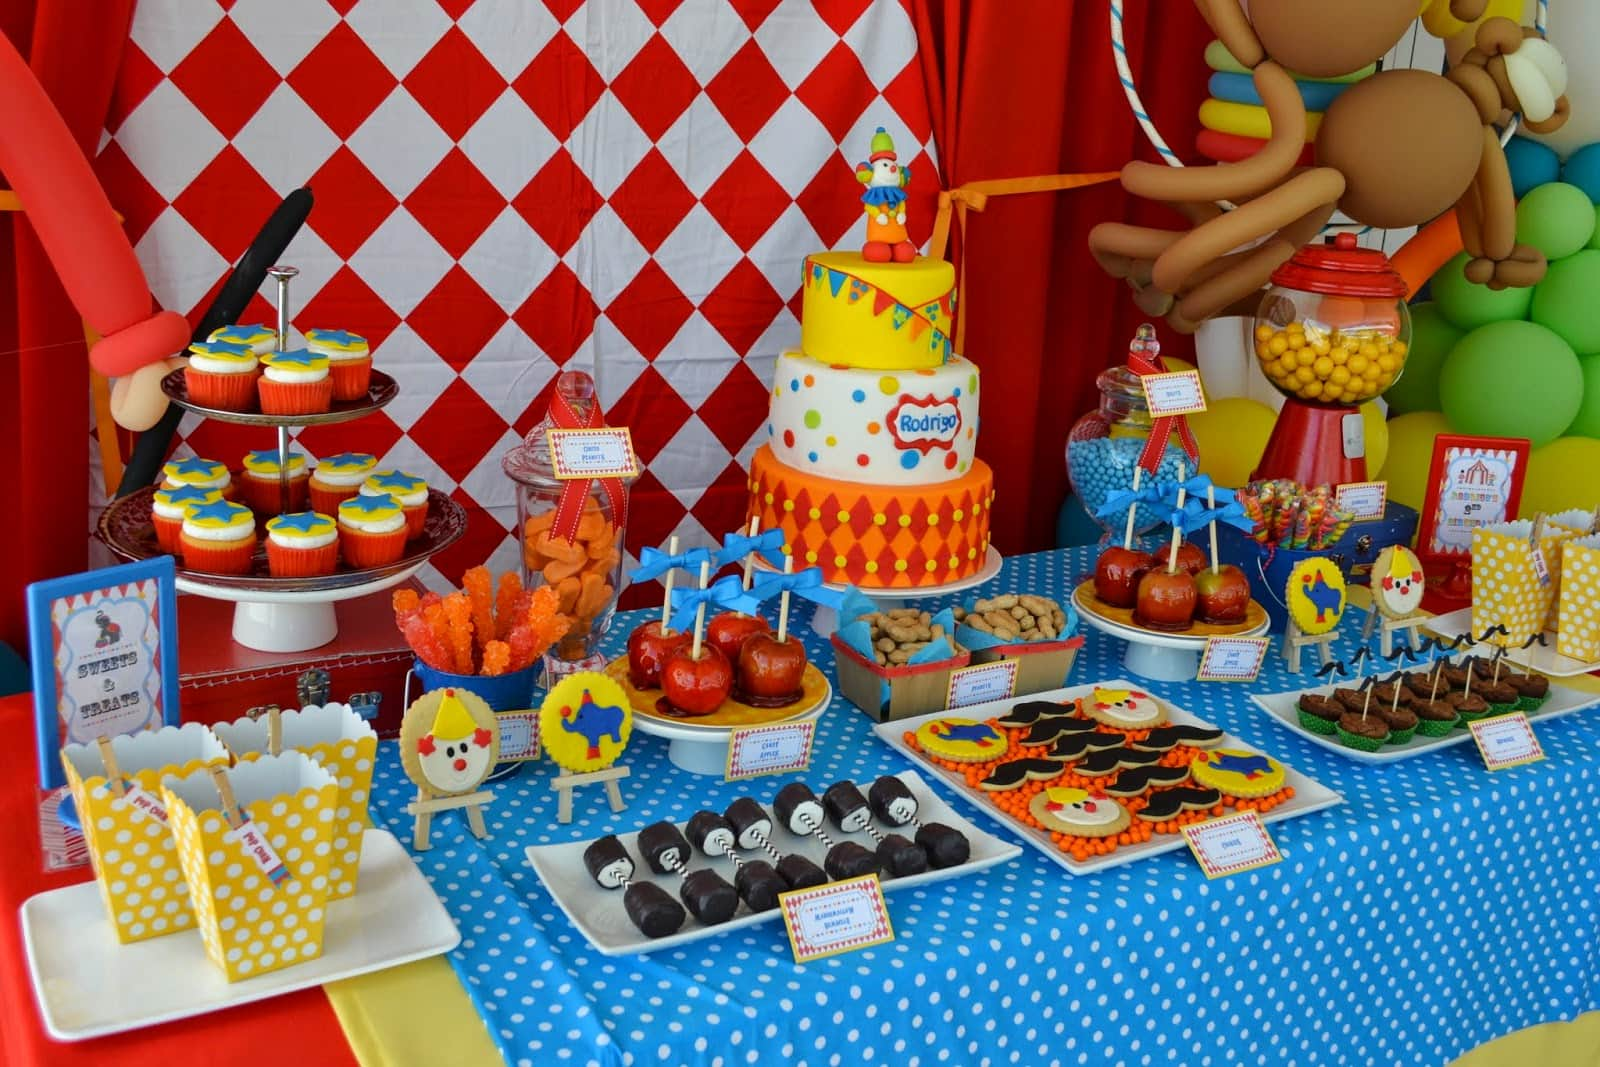 decoracao festa infantil 37 - Dicas de decoração para festa infantil simples